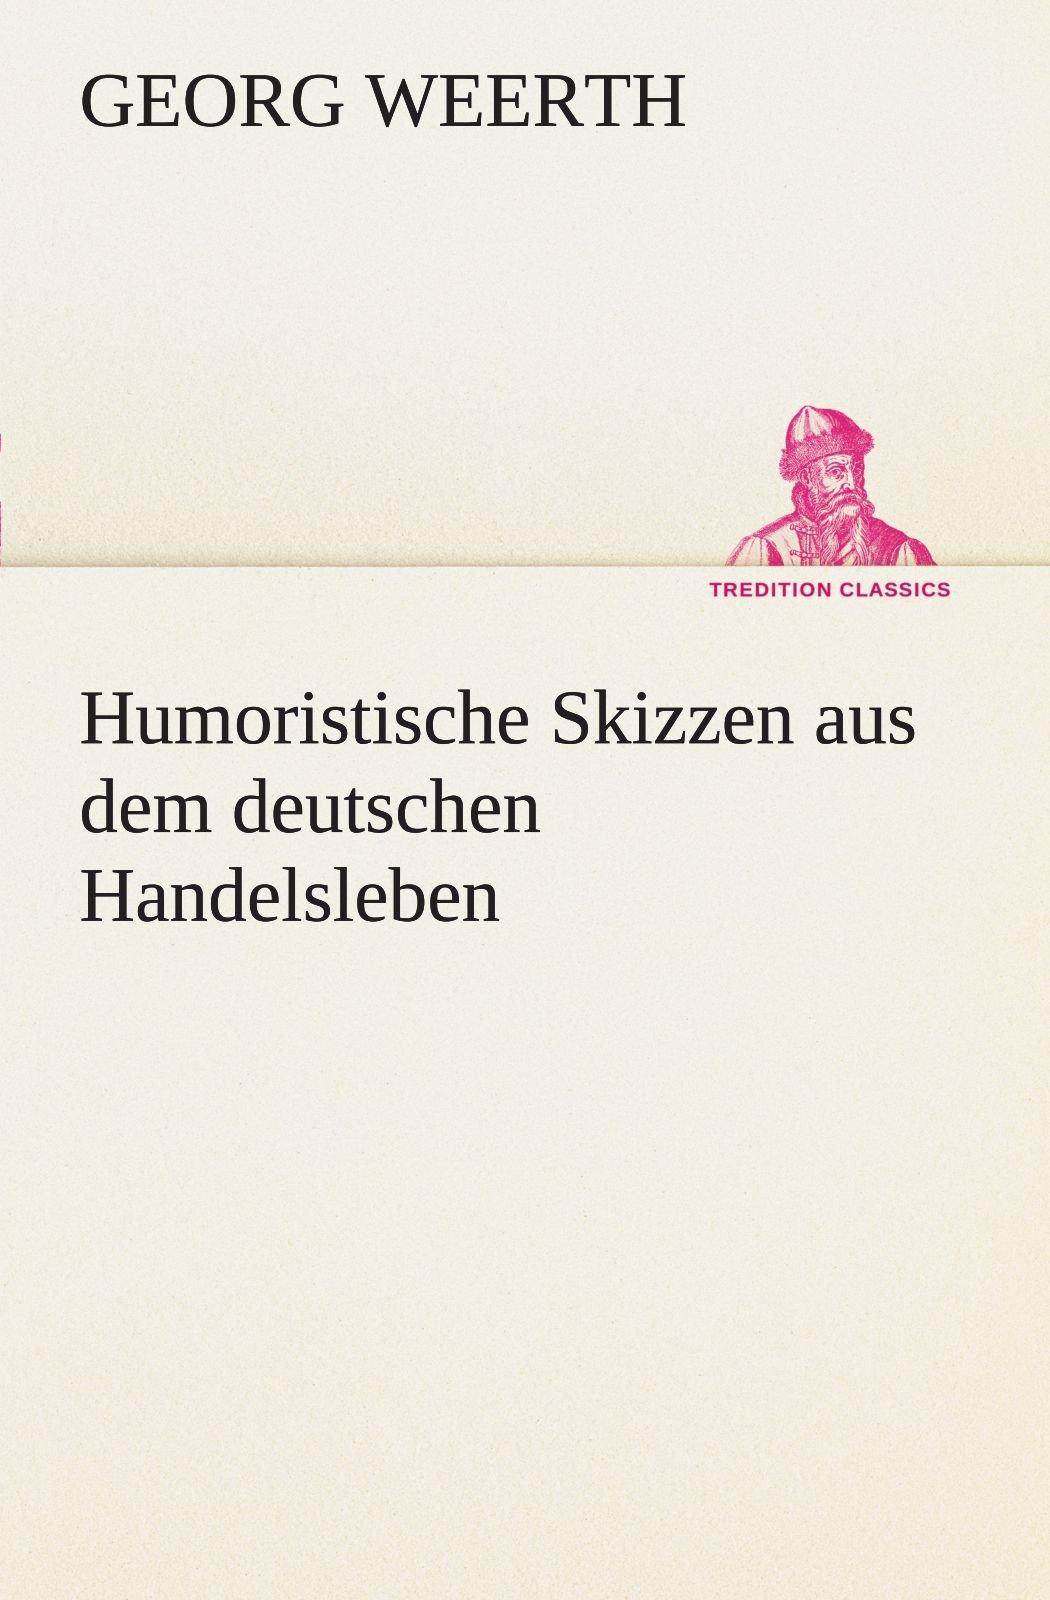 Humoristische Skizzen aus dem deutschen Handelsleben (TREDITION CLASSICS)